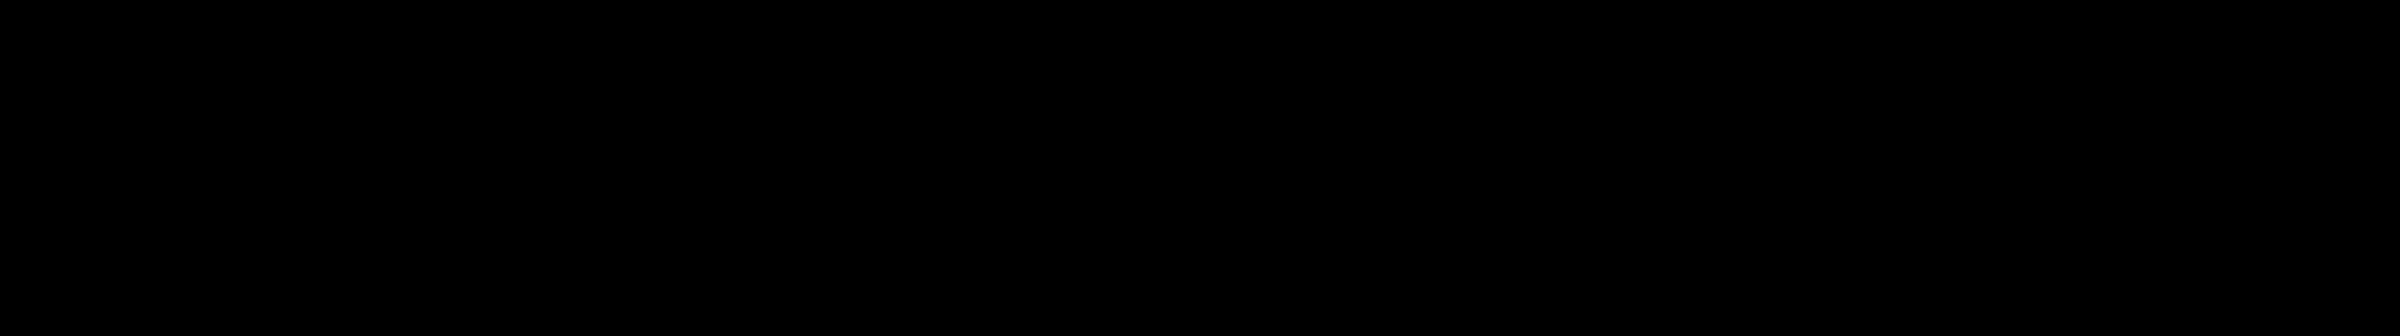 Clipart gun silhouette. M rifle new o